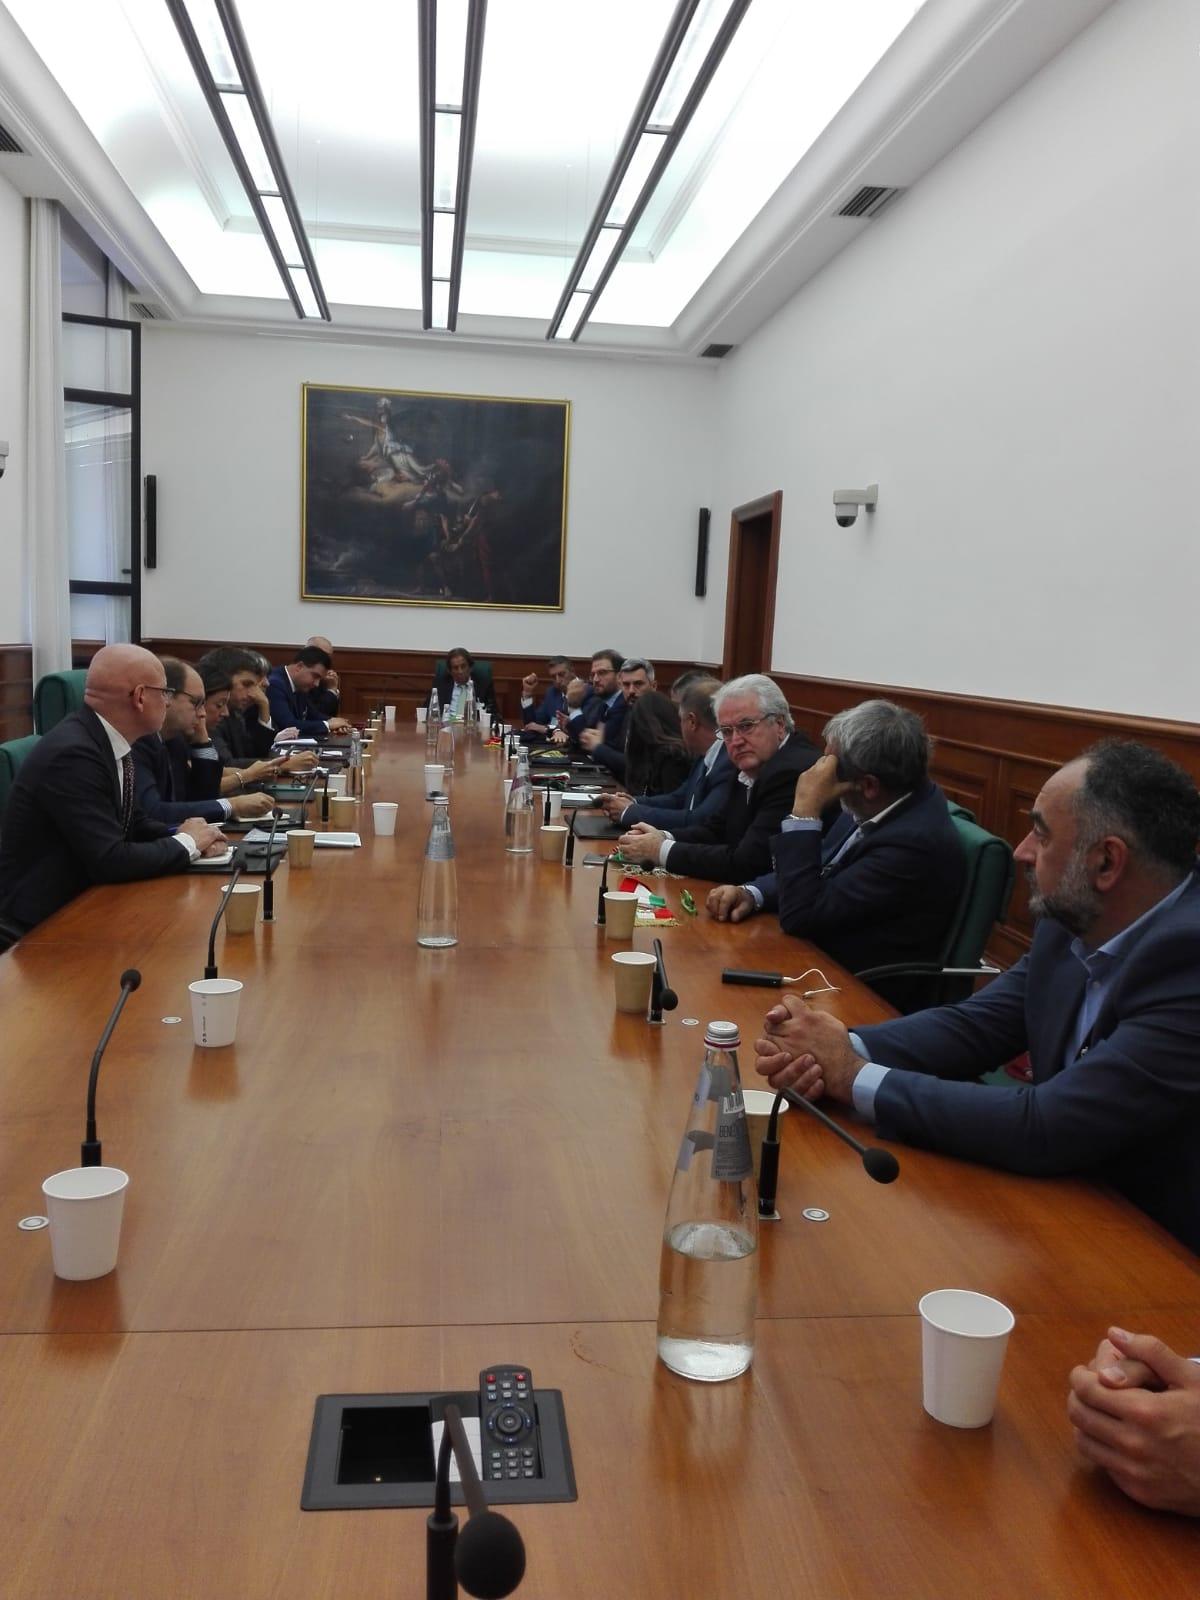 Continua la lotta sul caro pedaggi, i rappresentanti di Lazio e Abruzzo incontrano il Ministro dei Trasporti Paola de Micheli